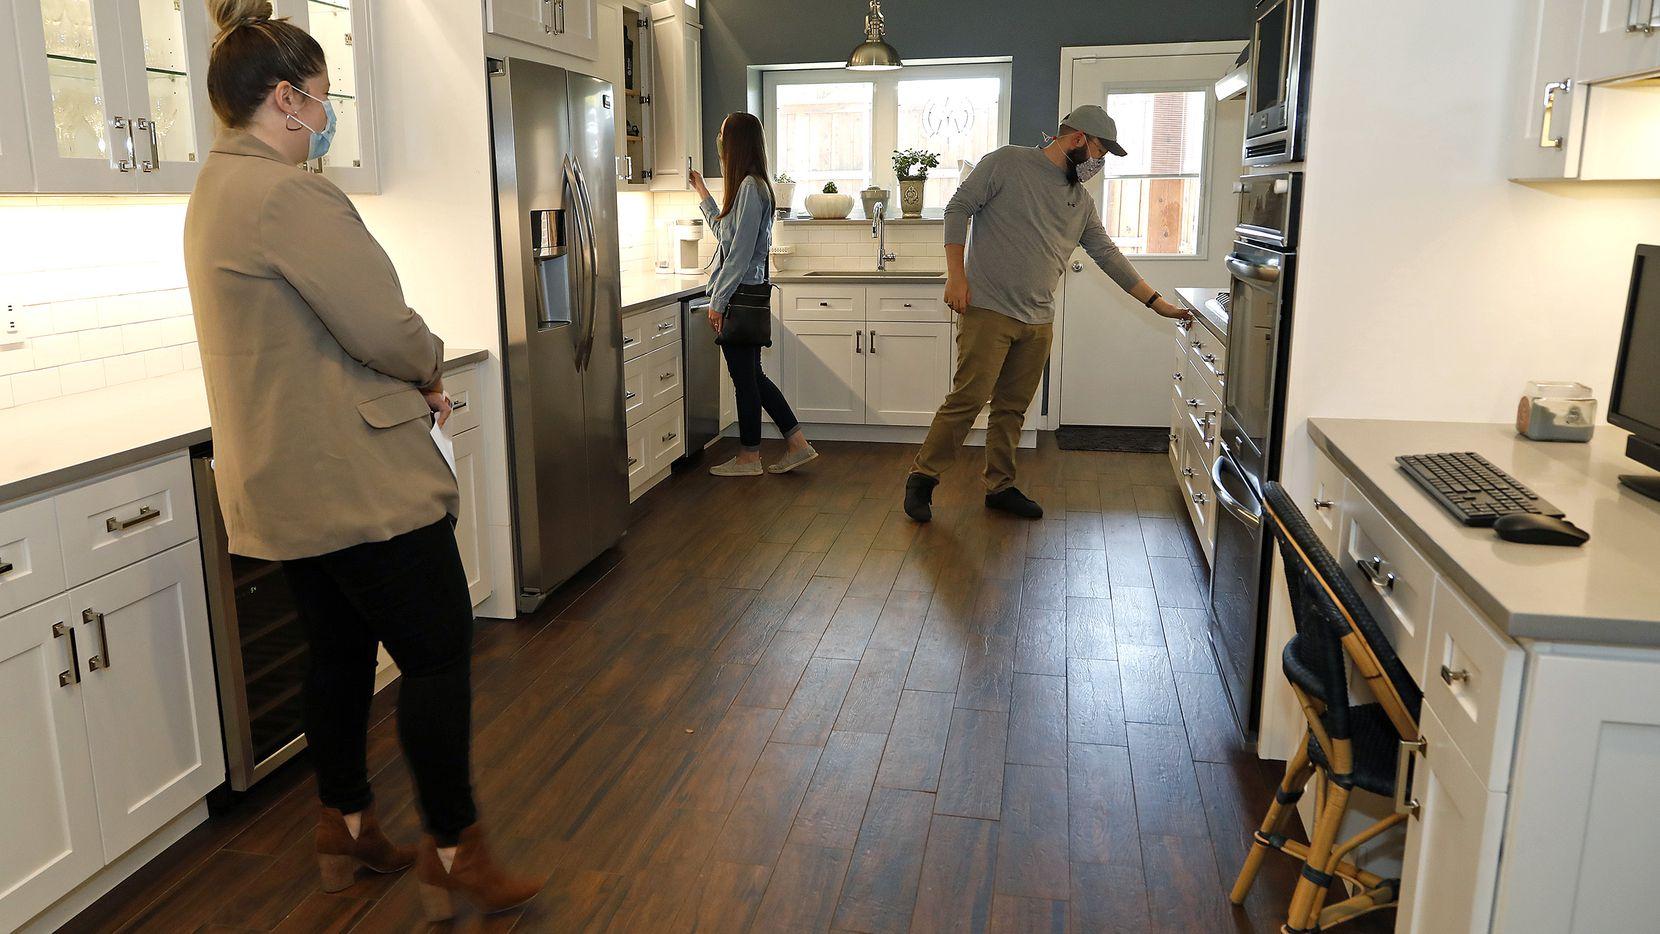 Mackenzie Larch (izq.), una agente de bienes raíces de Ebby Halliday, observa a sus clientes Kesley Hand (centro) y su esposa Steven, de Champaign, Illinois, que visitan una casa a la venta en 1600 Commerce Drive, en Plano.